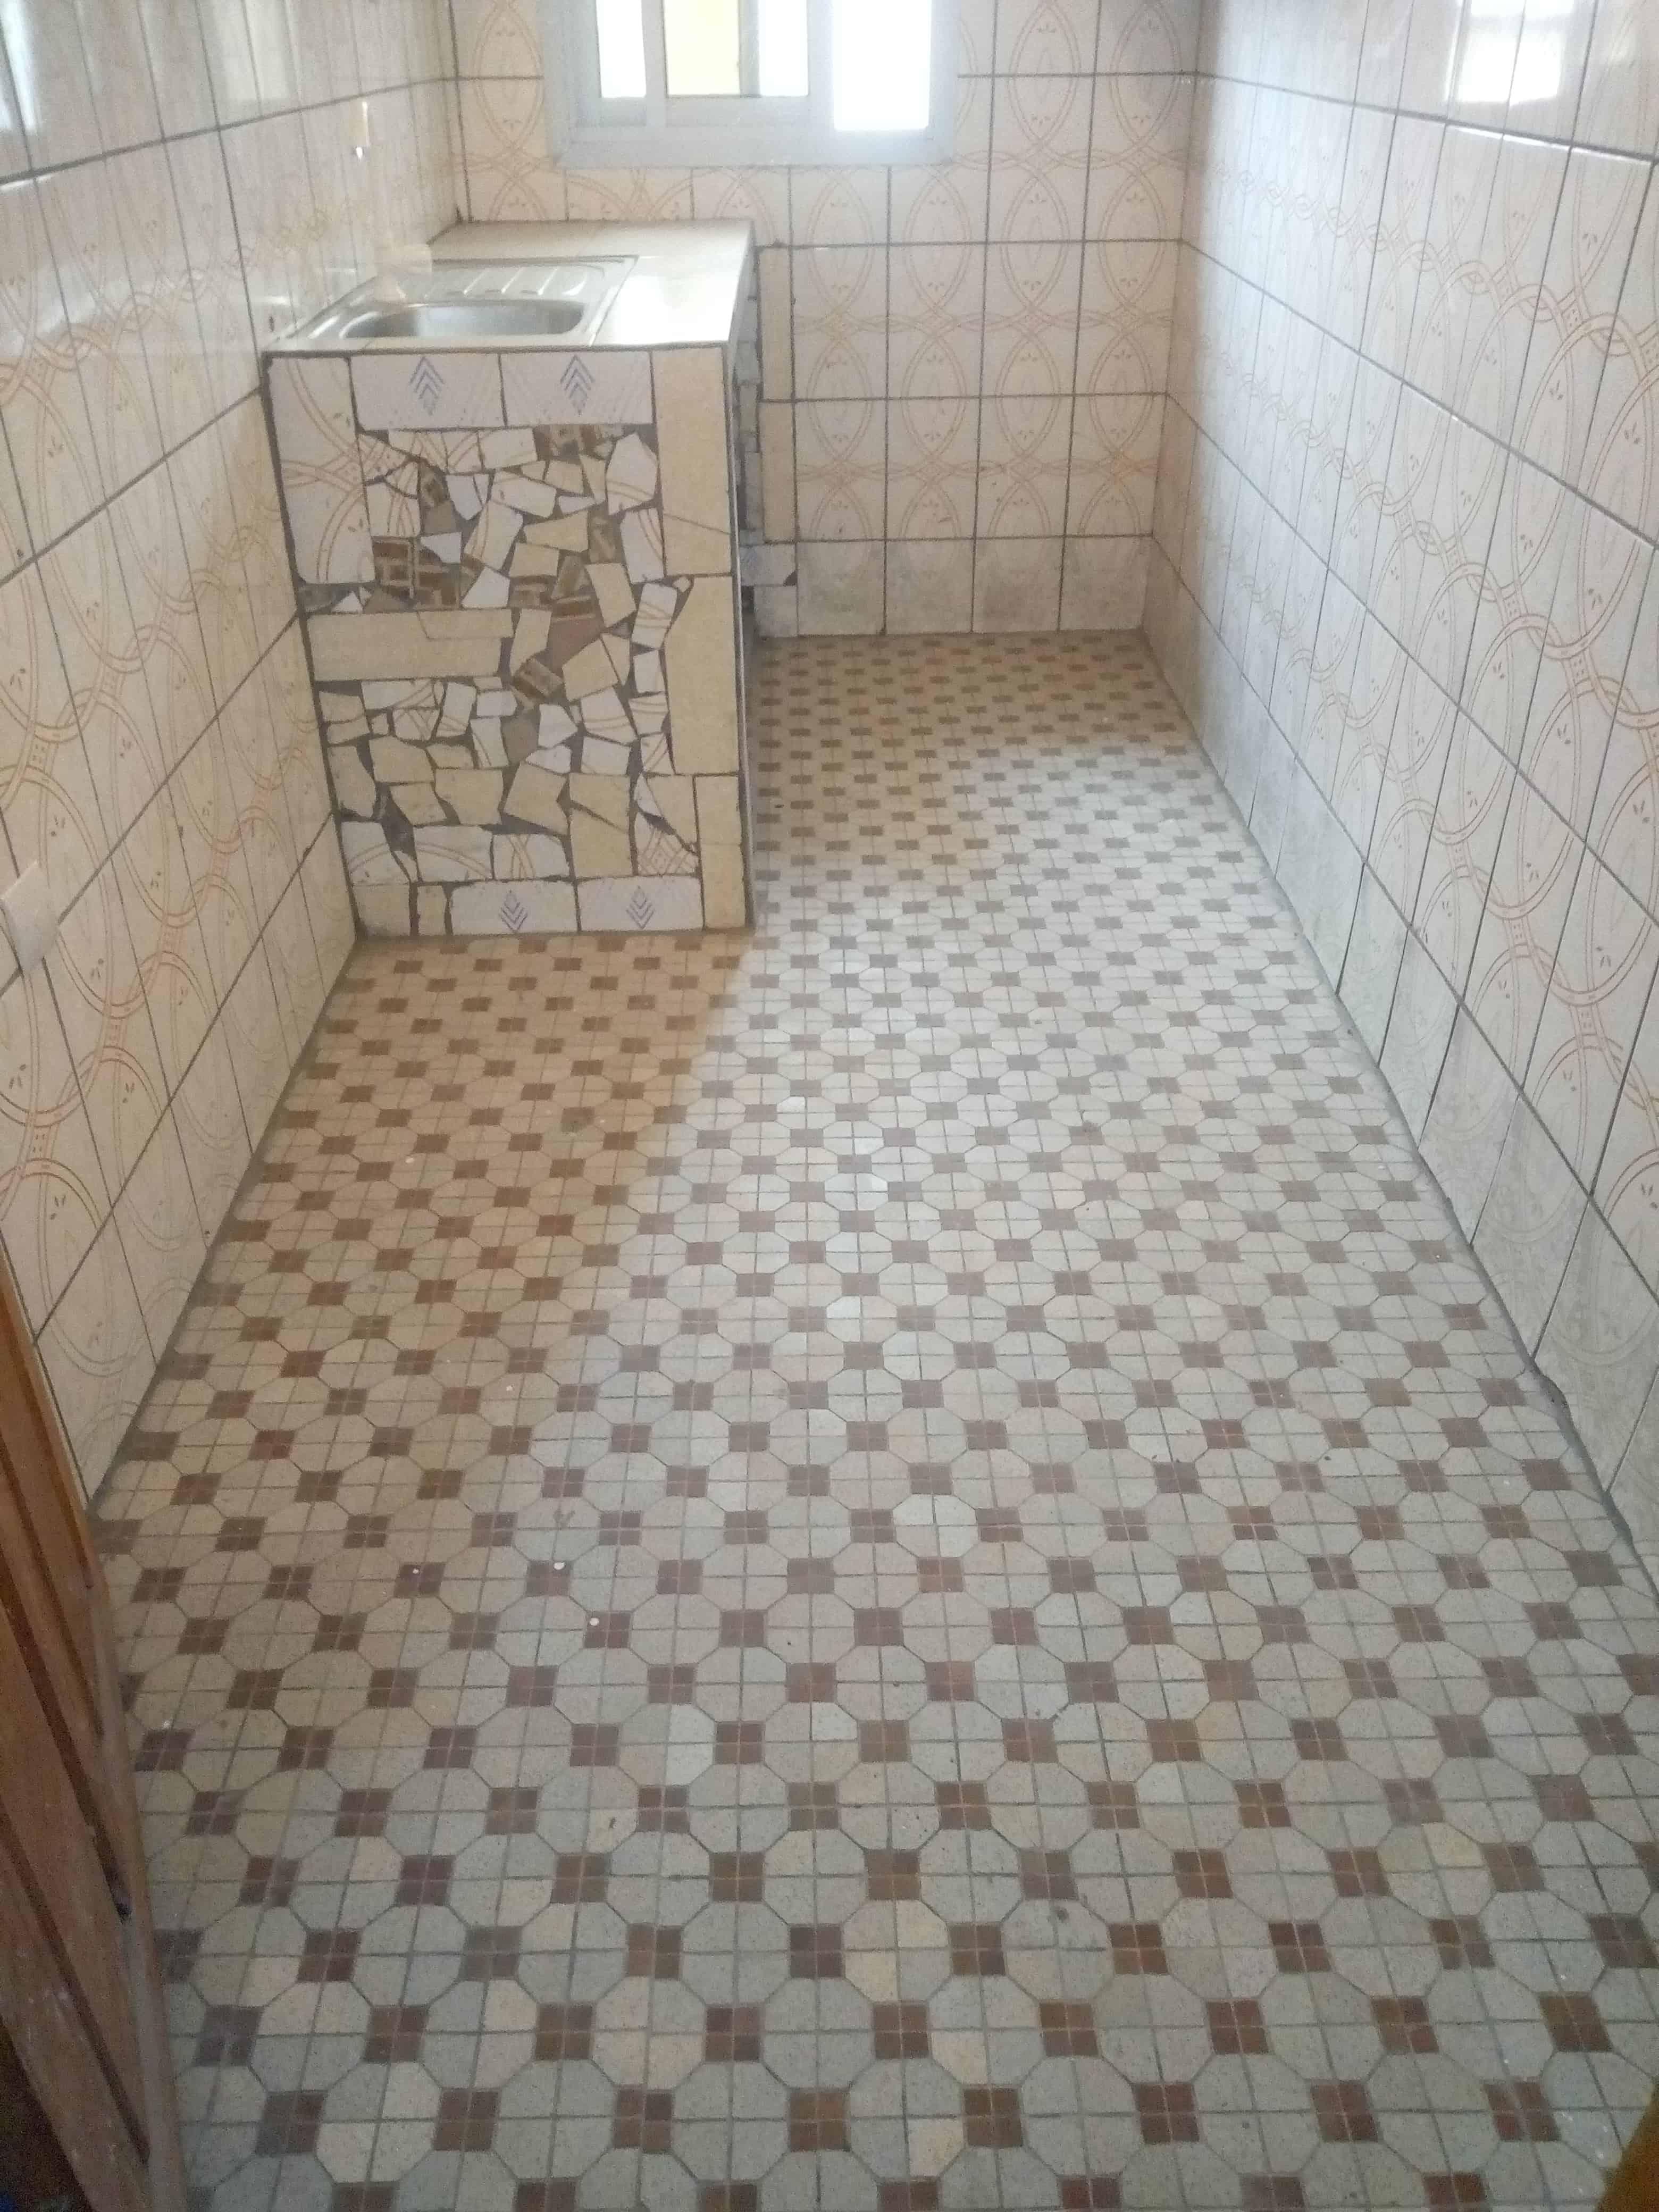 Appartement à louer - Douala, Makepe, Rond pauleng - 1 salon(s), 1 chambre(s), 1 salle(s) de bains - 90 000 FCFA / mois